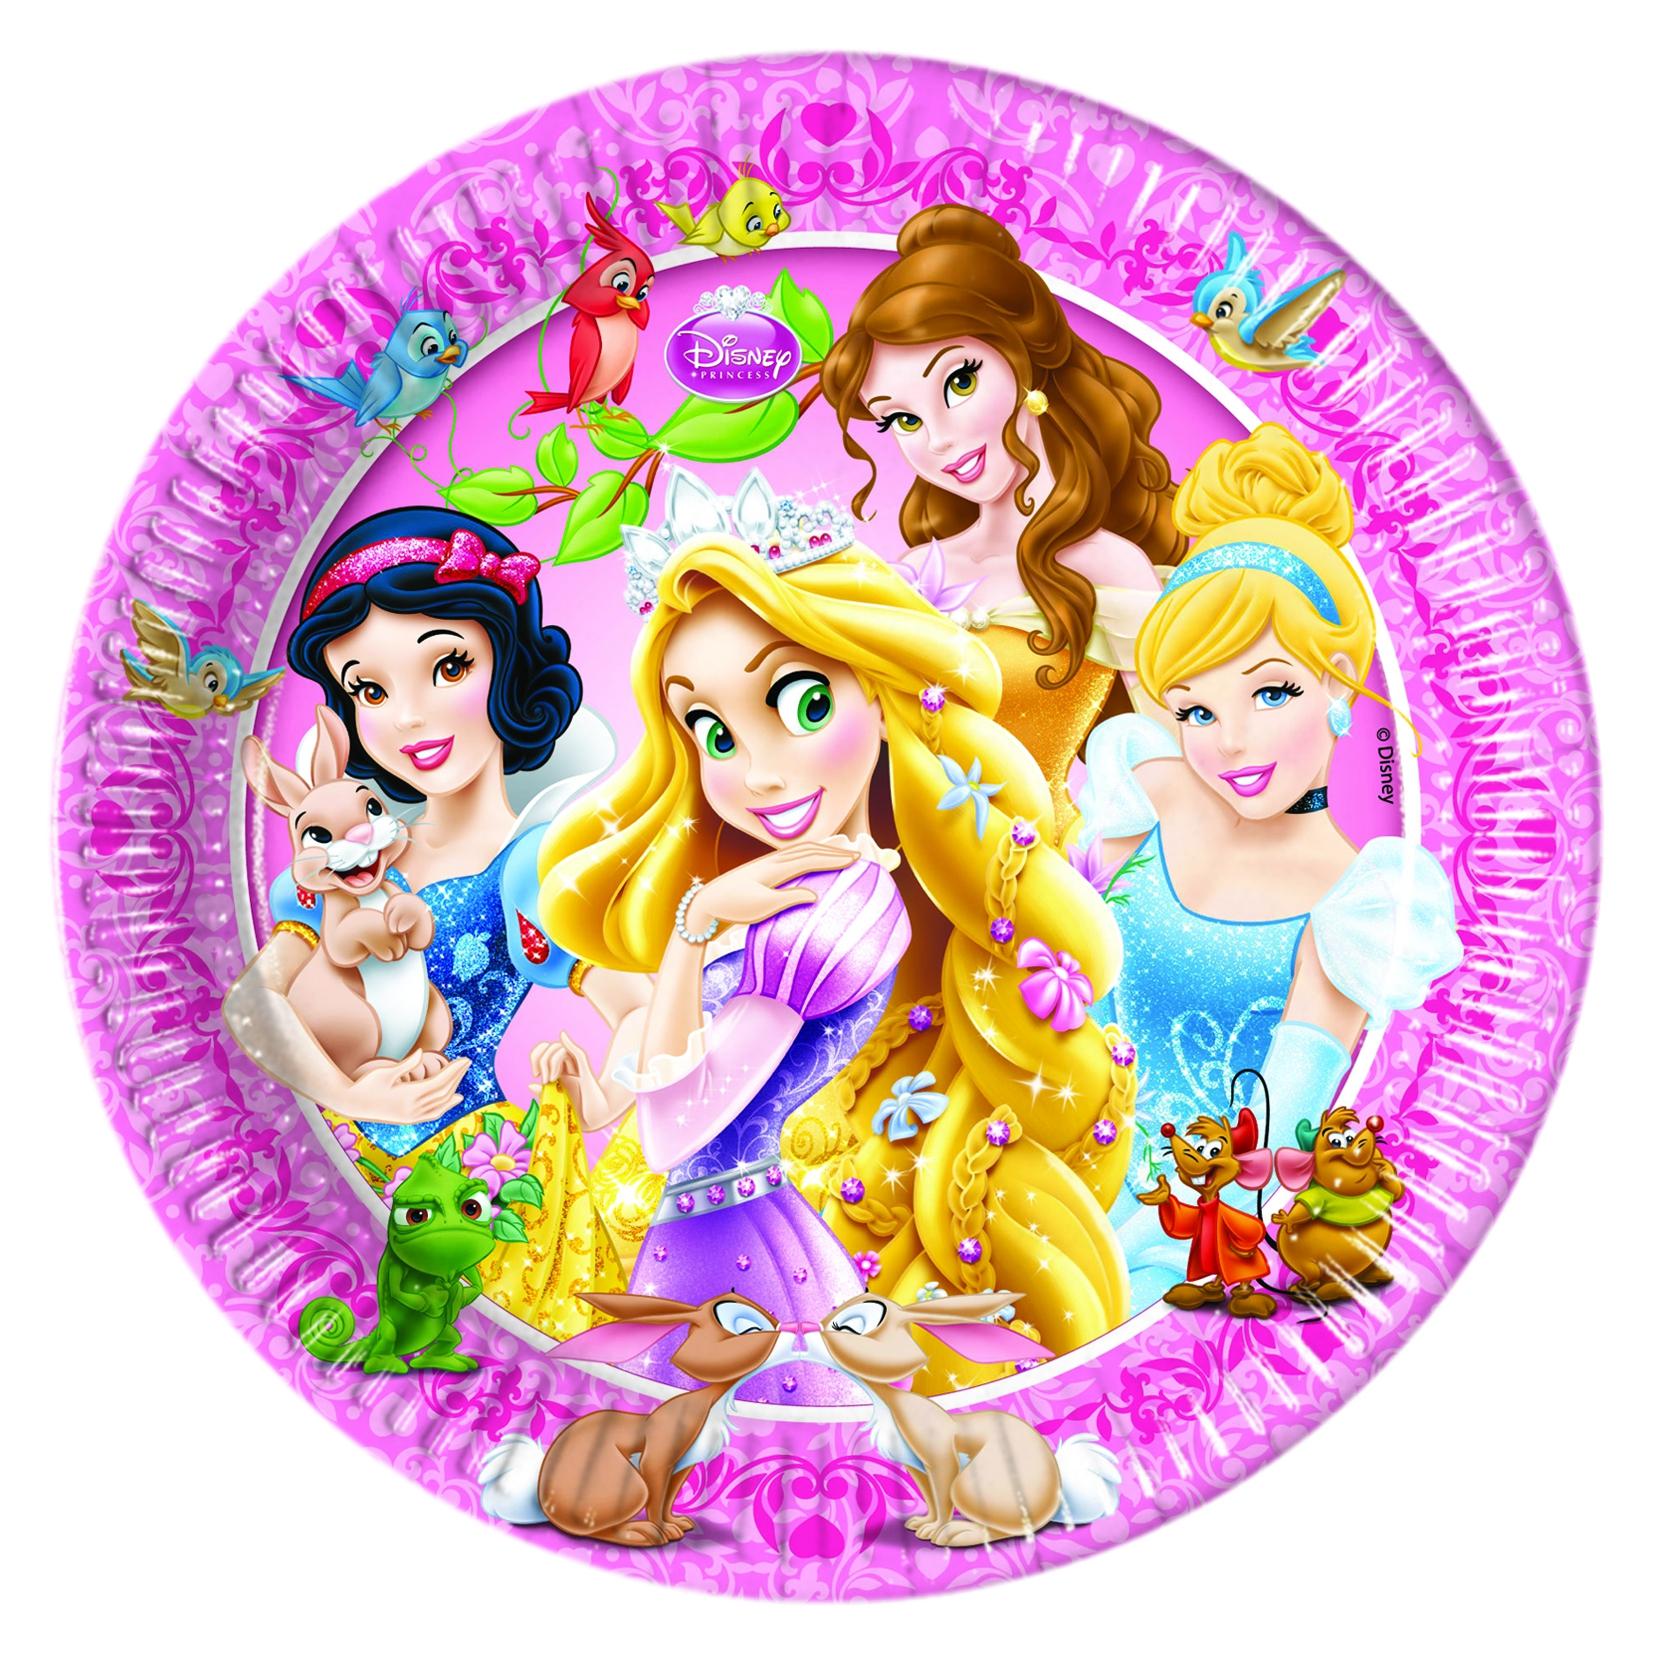 Тарелки Procos Принцессы и животные 8 шт. посуда и скатерти procos самолеты 120x180 см